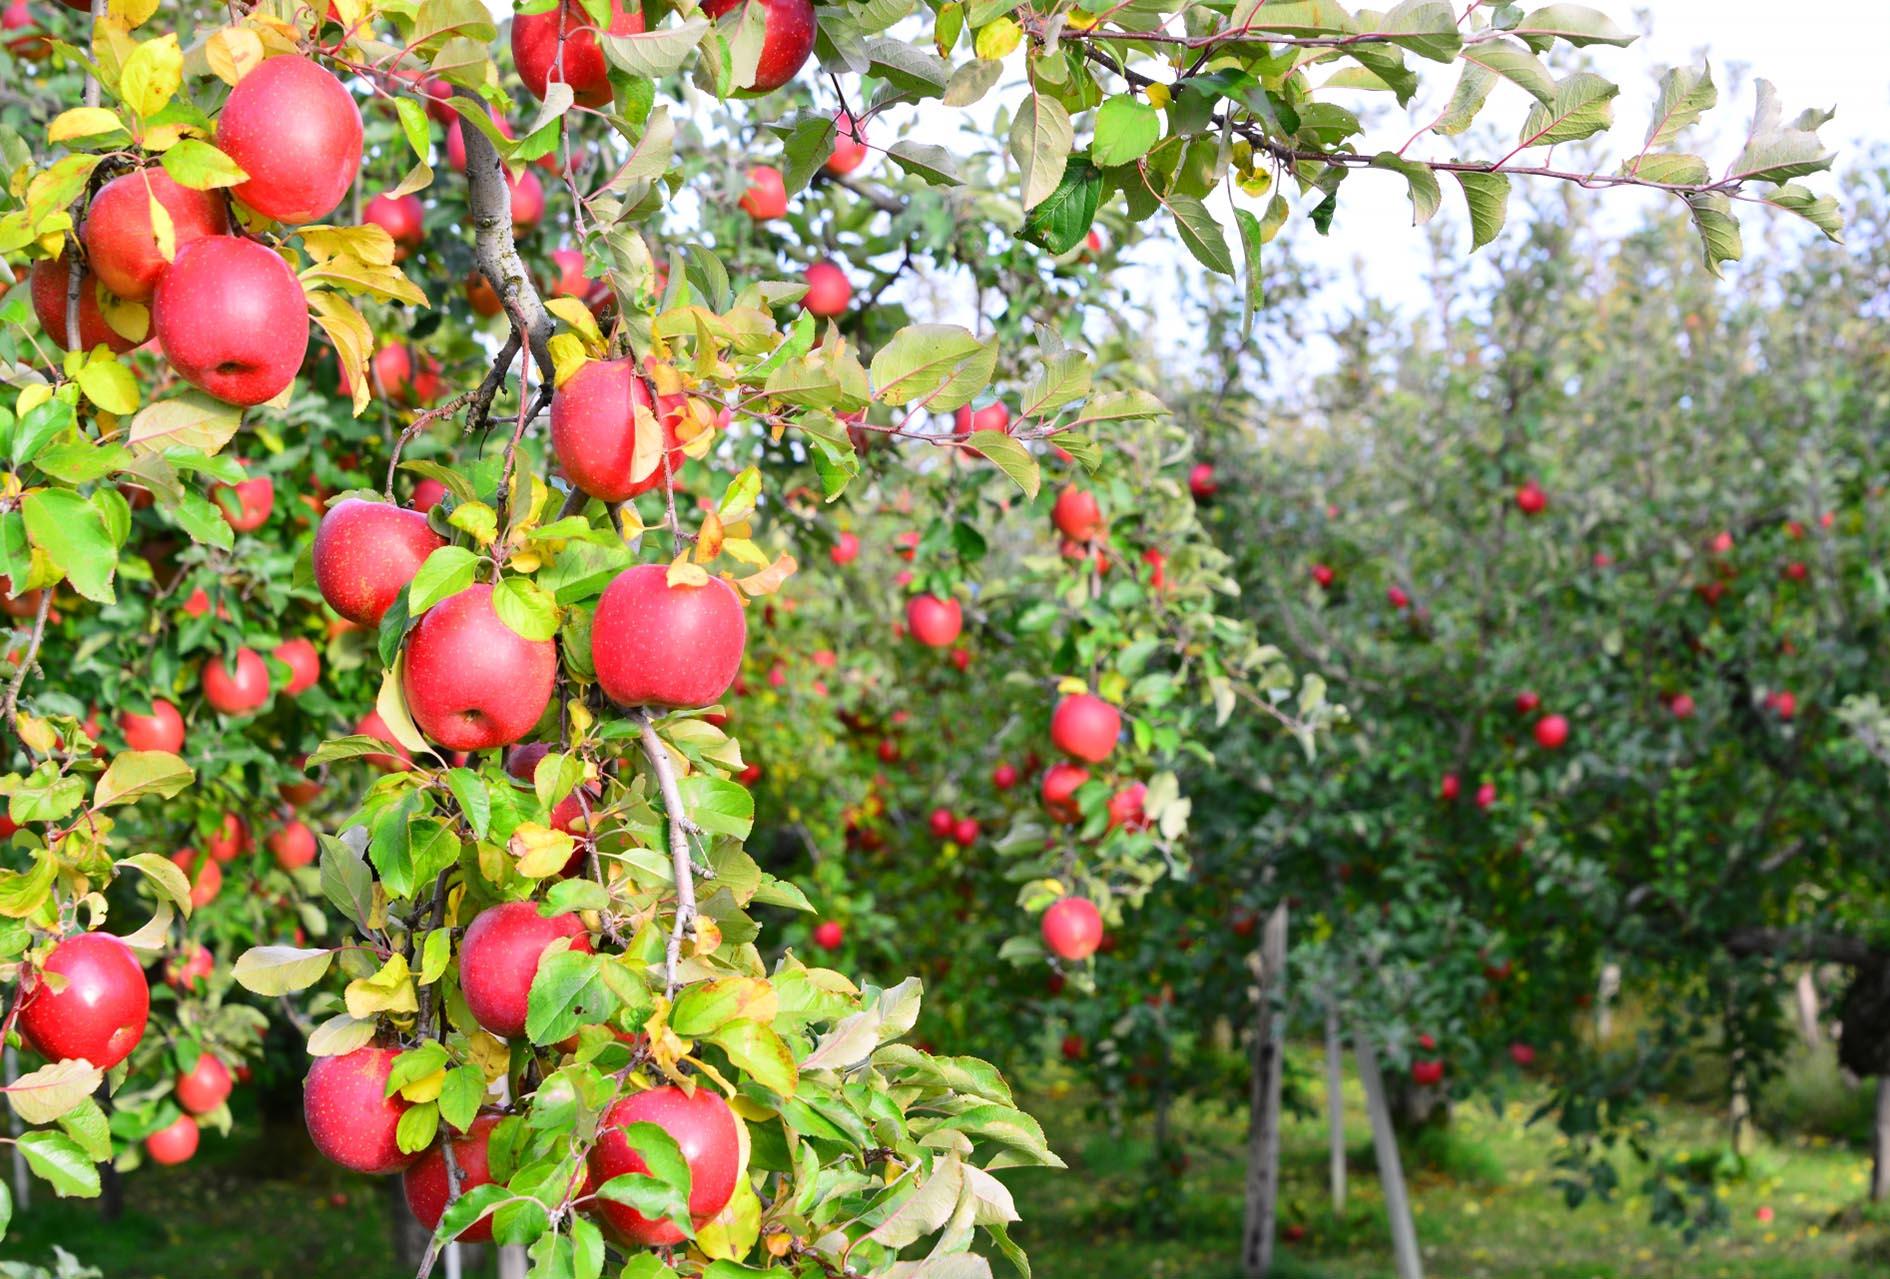 【募集終了】5.14 sun りんごの摘花&BBQプラン